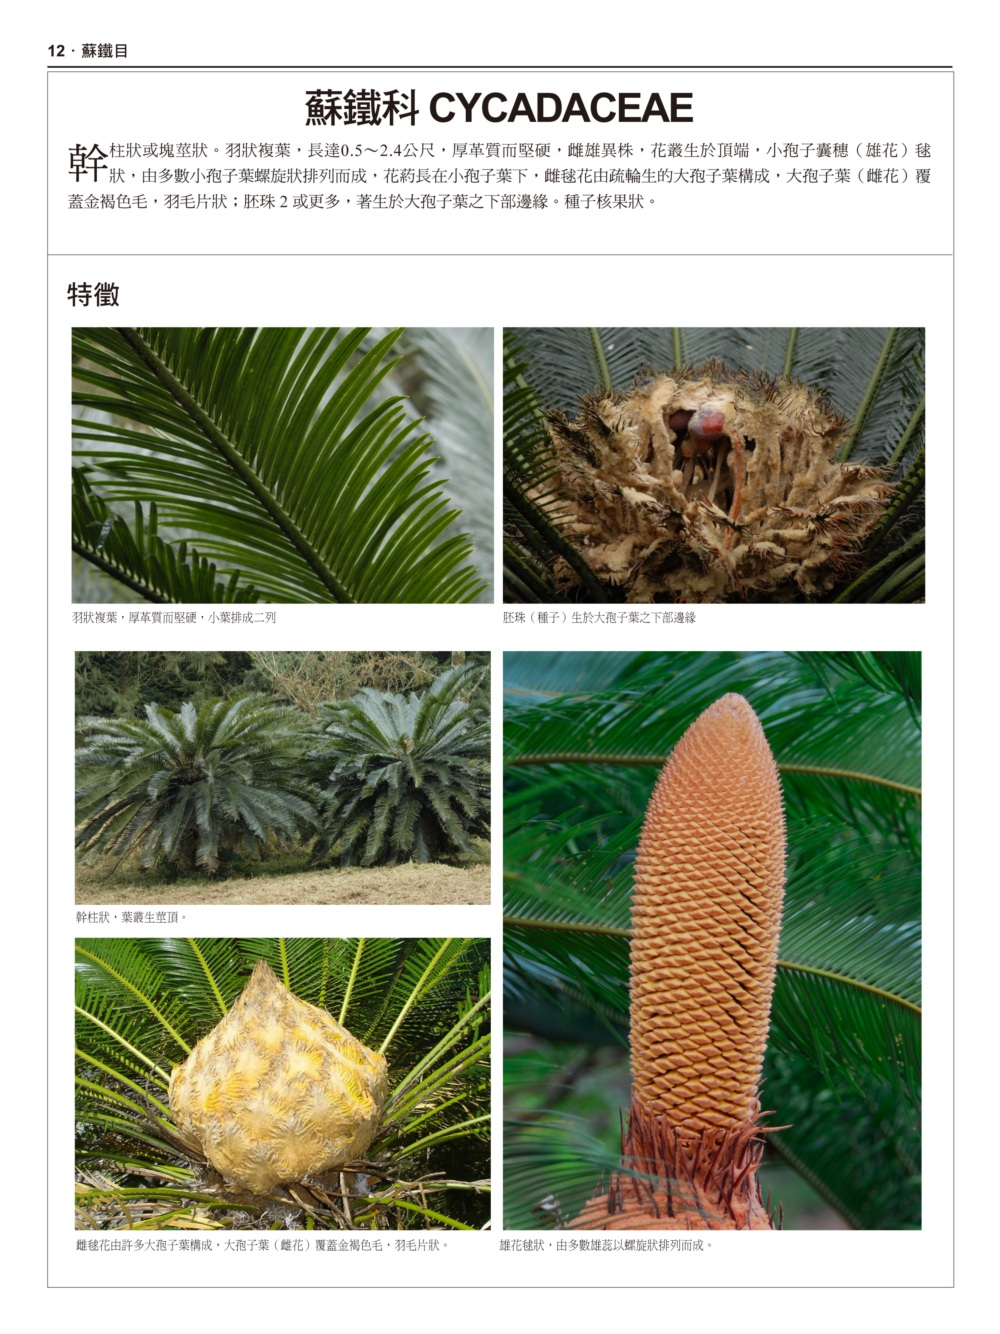 //im1.book.com.tw/image/getImage?i=http://www.books.com.tw/img/001/074/50/0010745089_b_06.jpg&v=5957227e&w=655&h=609